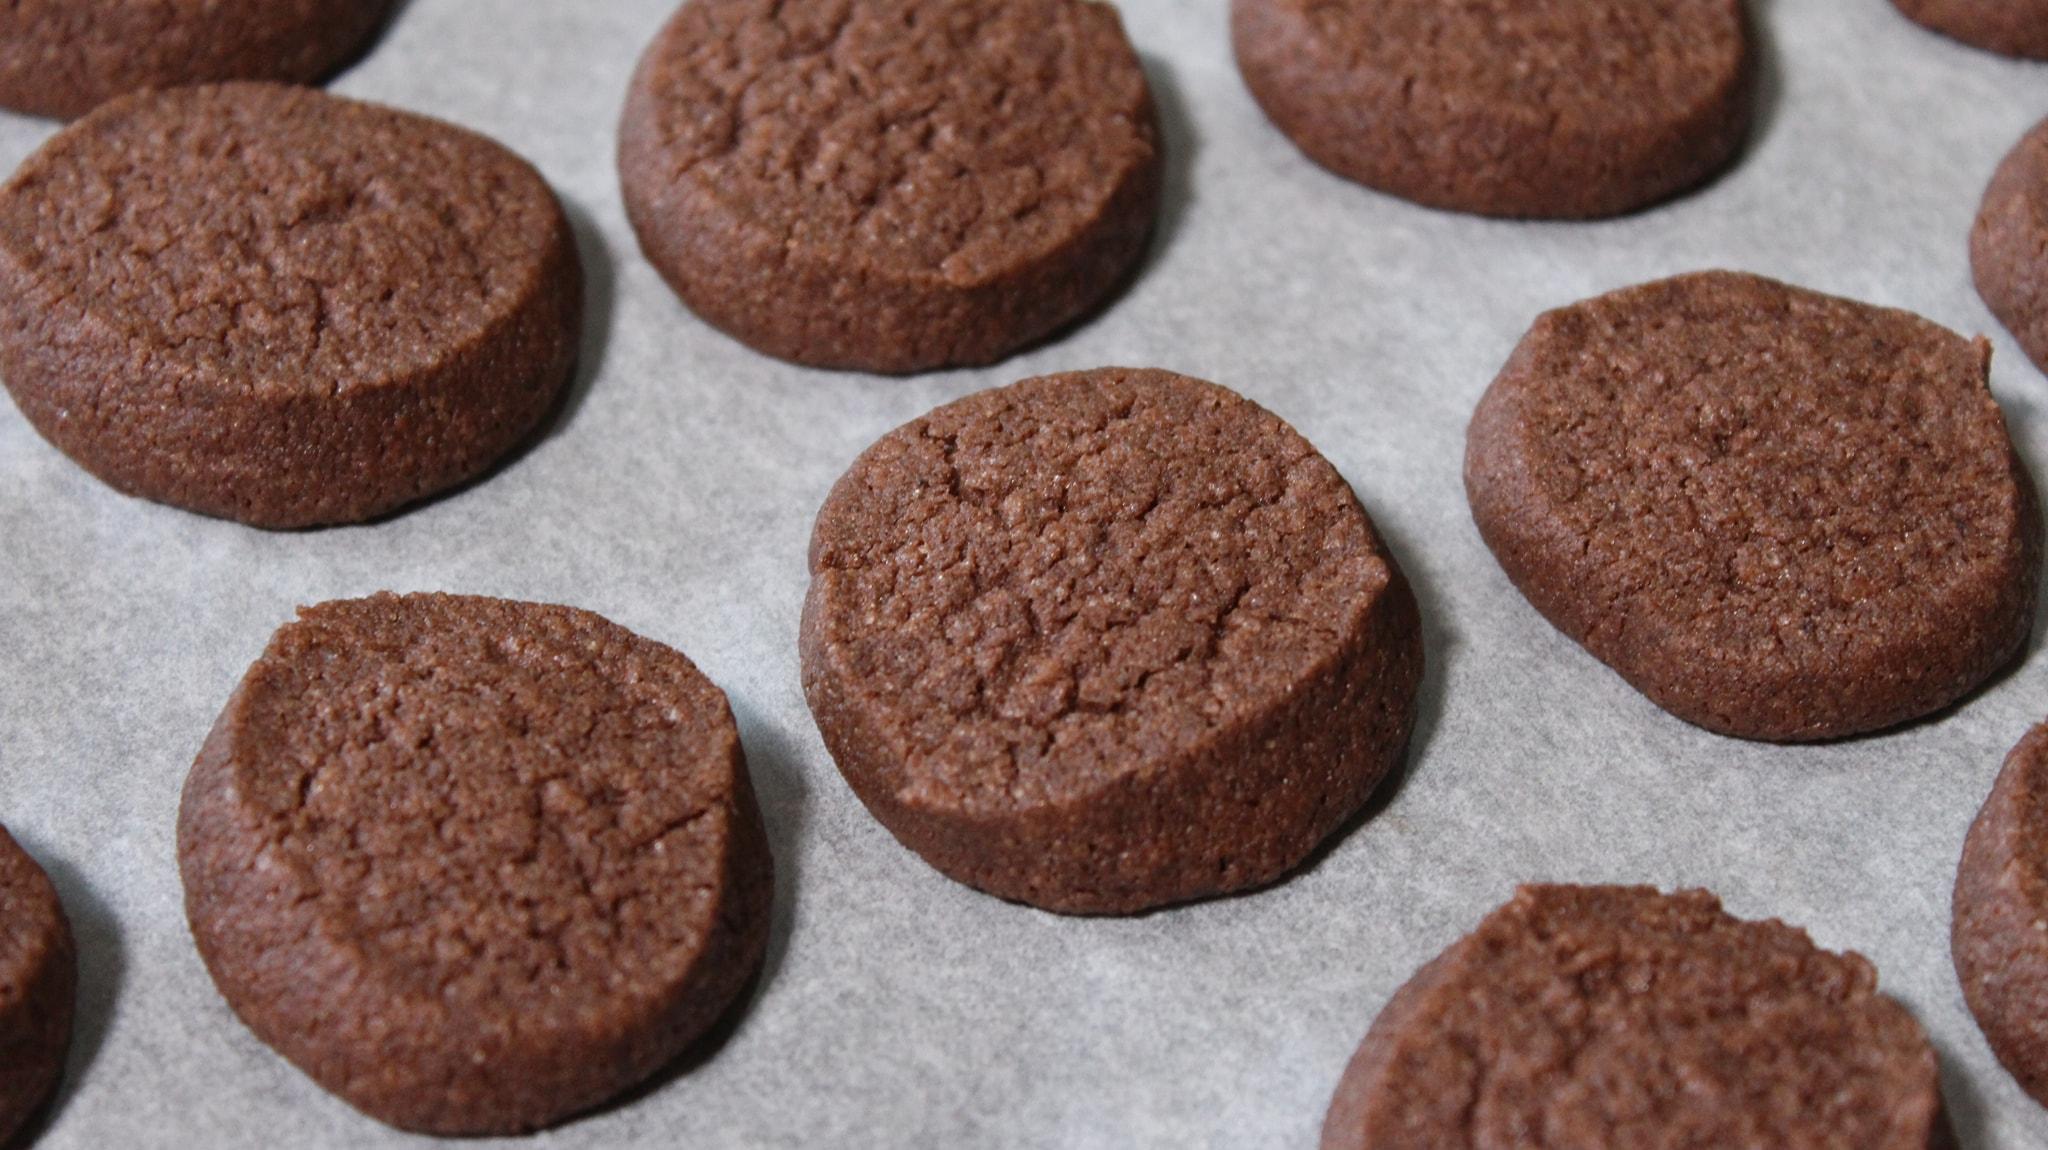 συνταγή για μπισκότα με κακάο